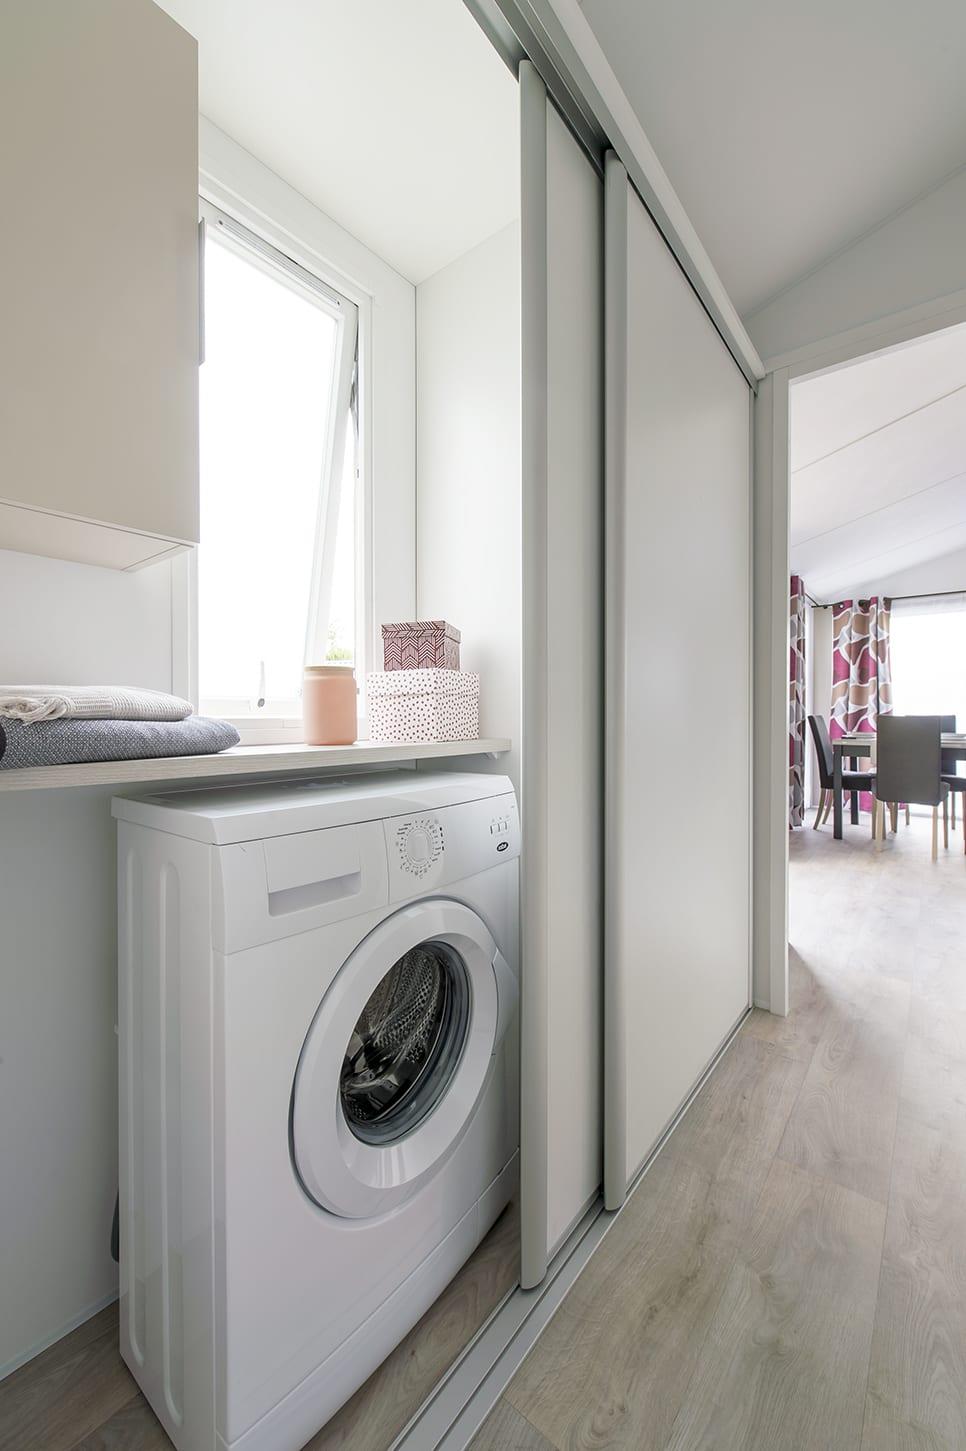 empalcement machine à laver